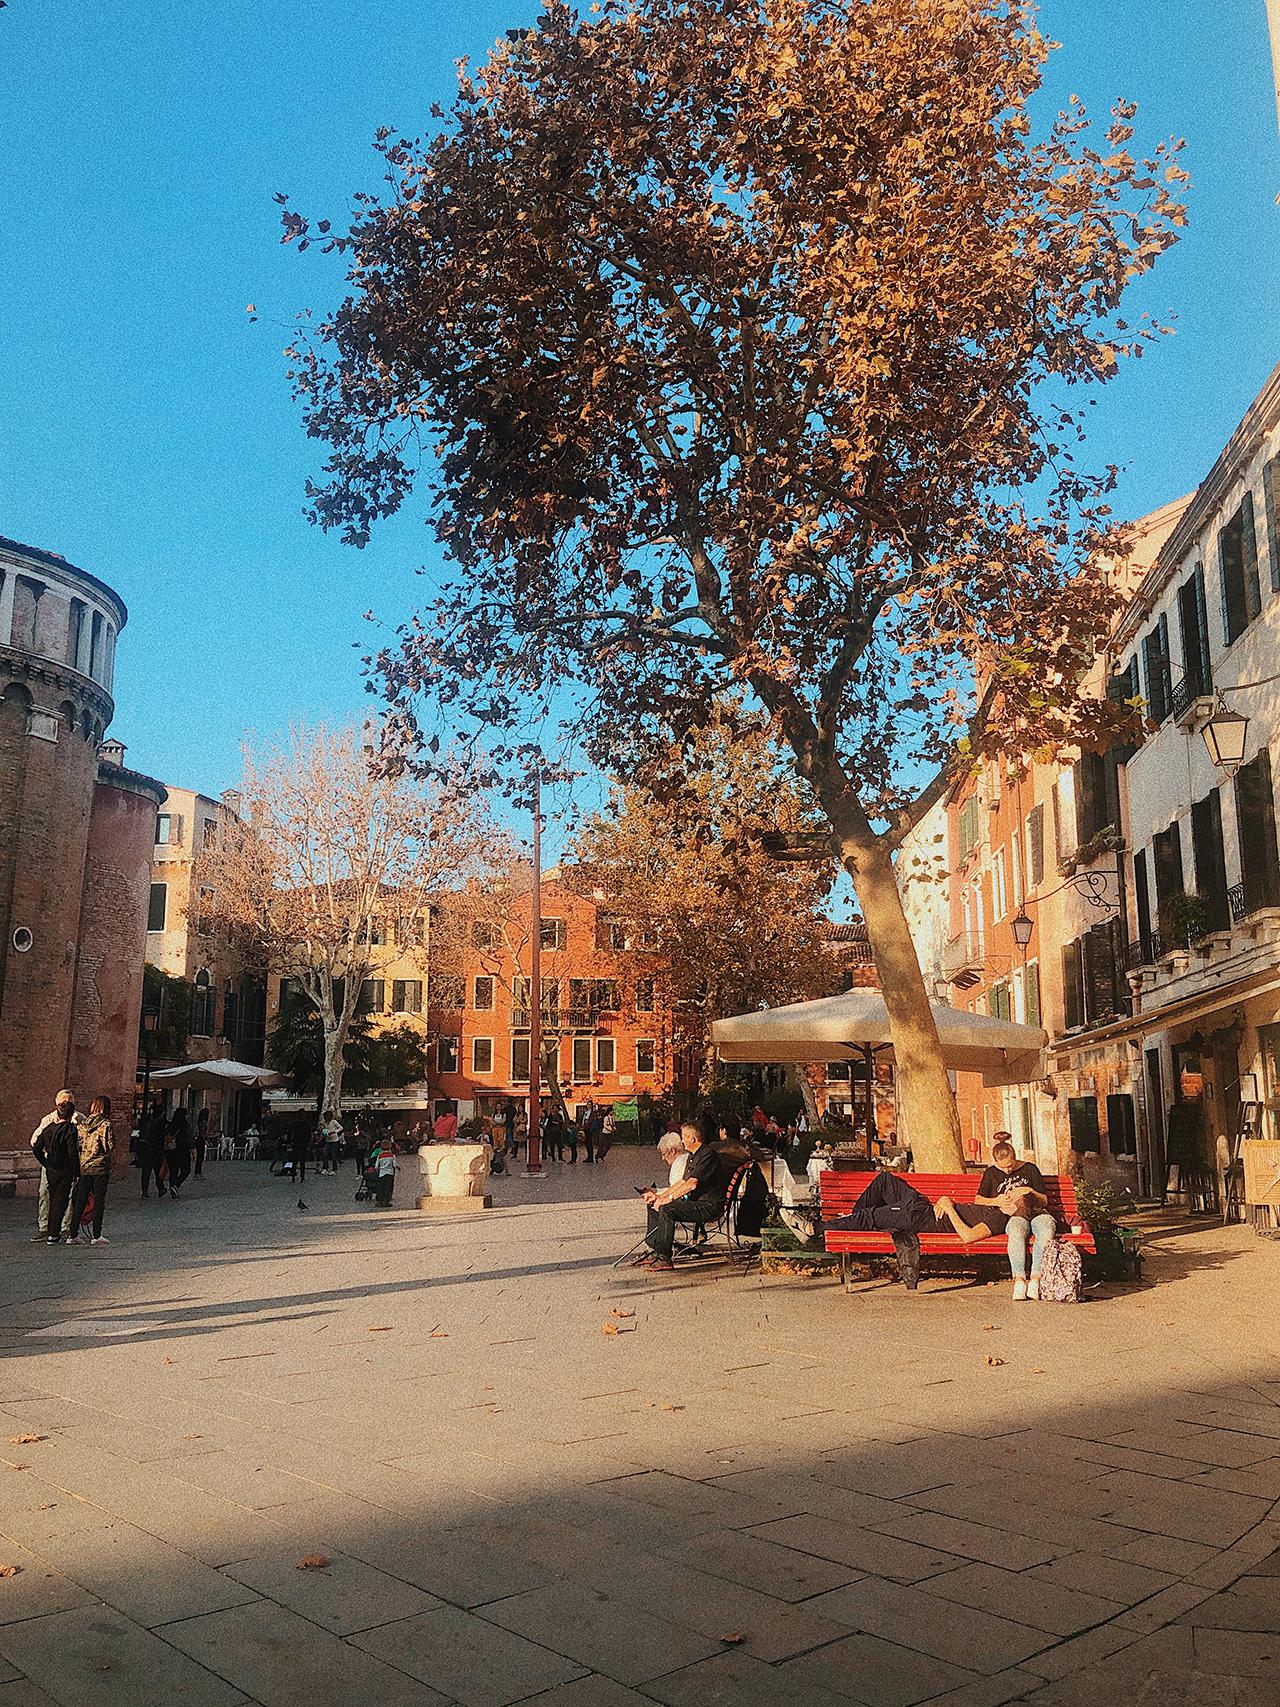 Public square Venice Italy